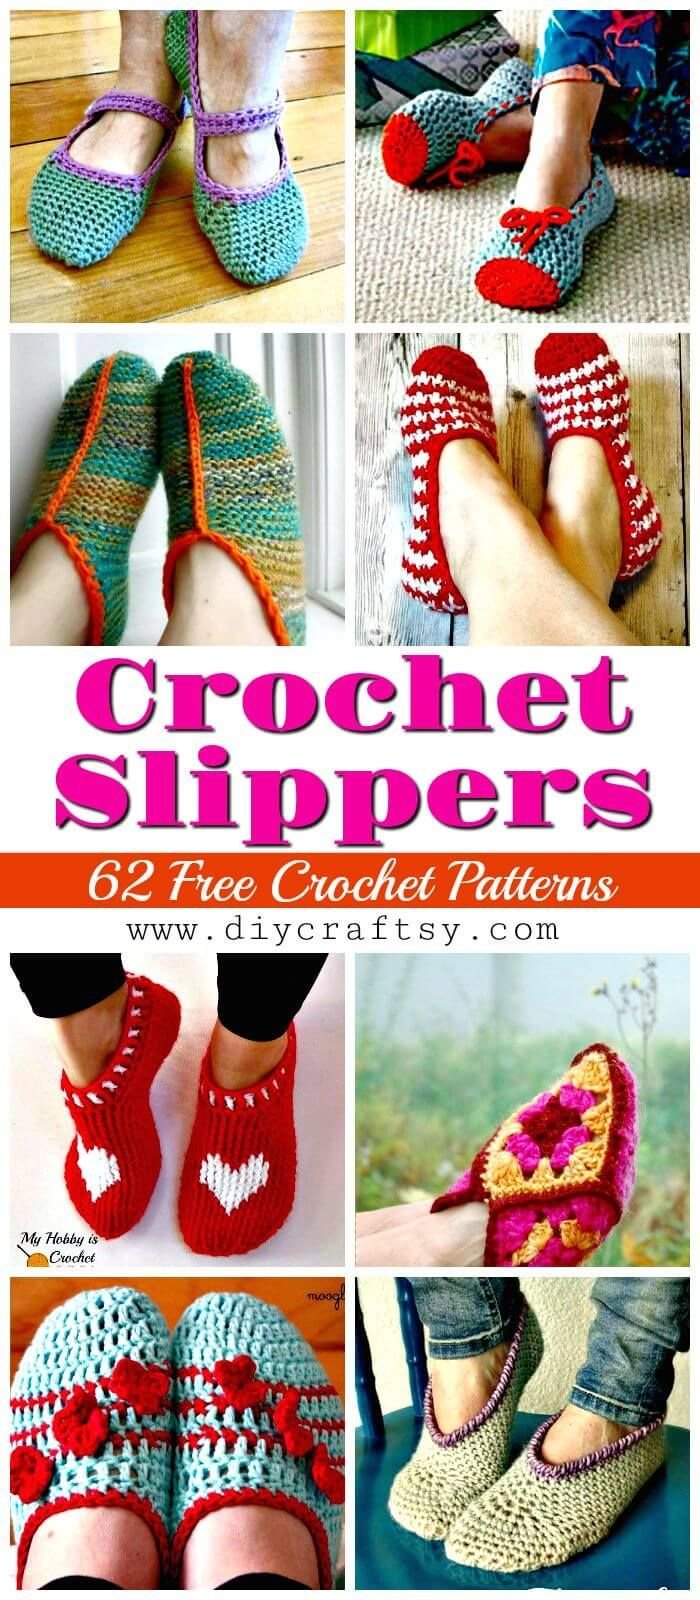 Crochet Slippers Pattern- 62 Free Crochet Patterns